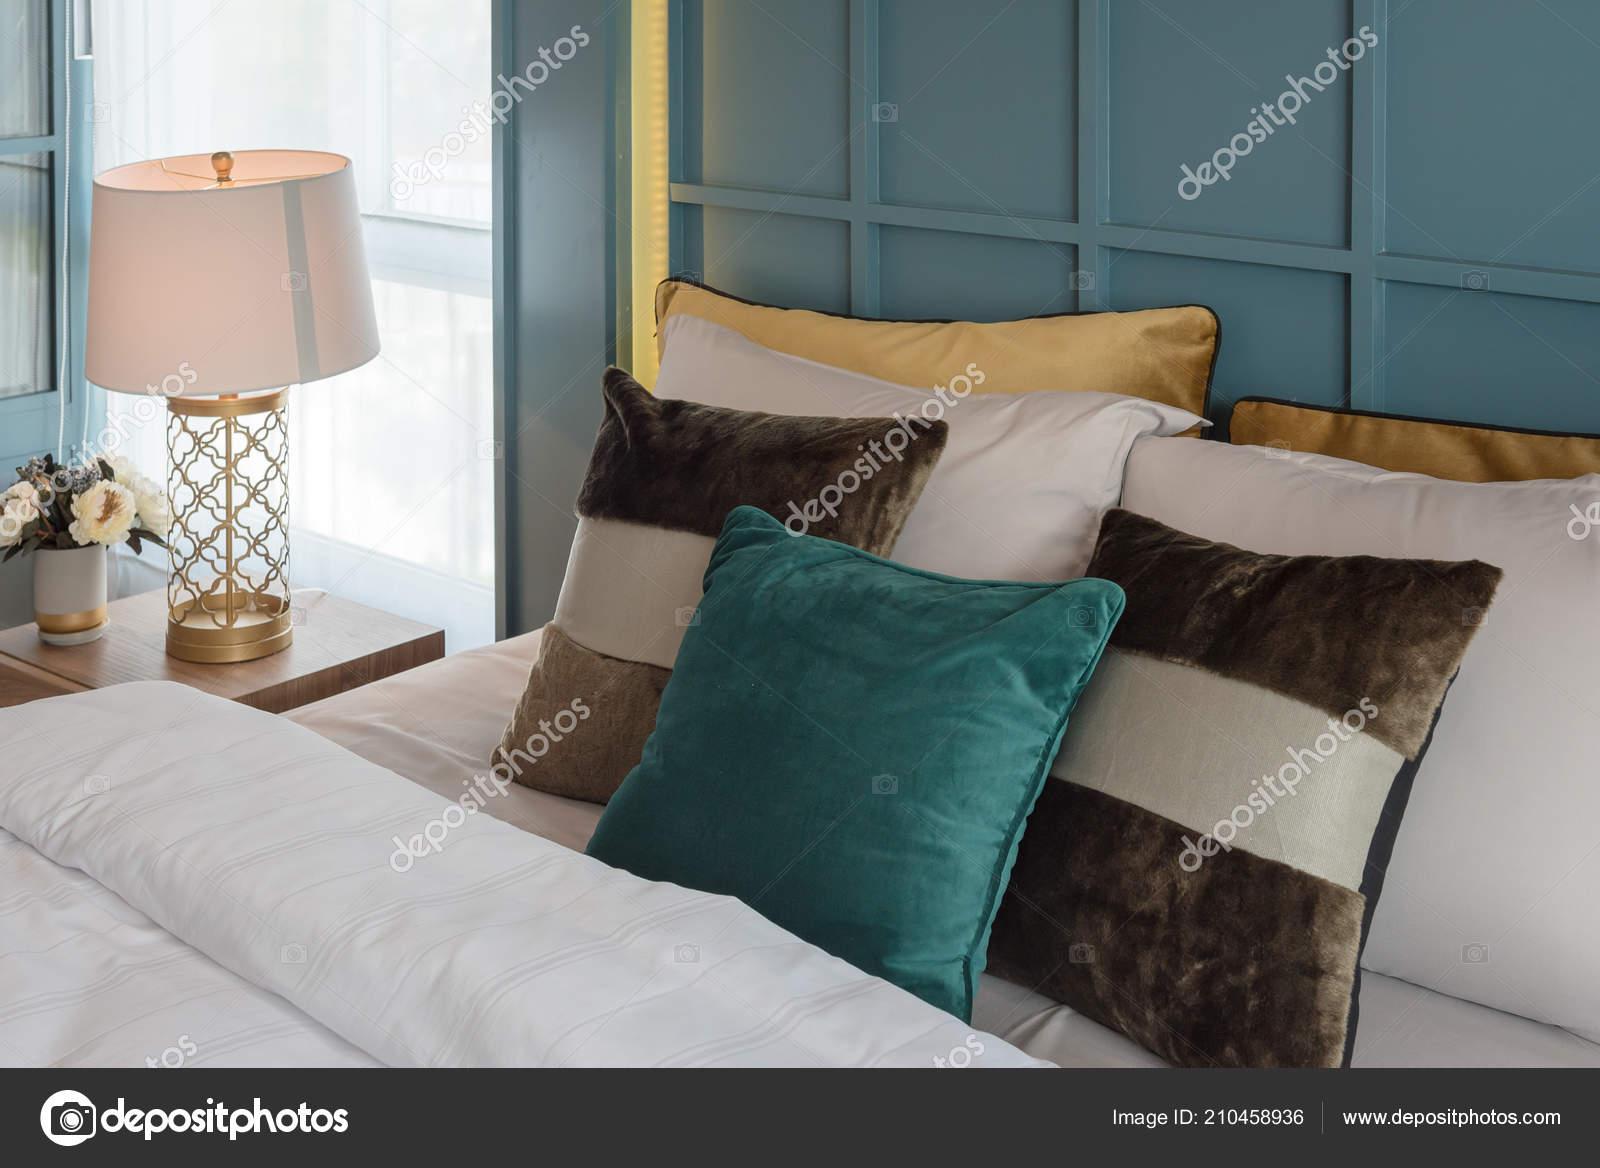 Luxe suite slaapkamer met set van kussens bed interieur decoratie